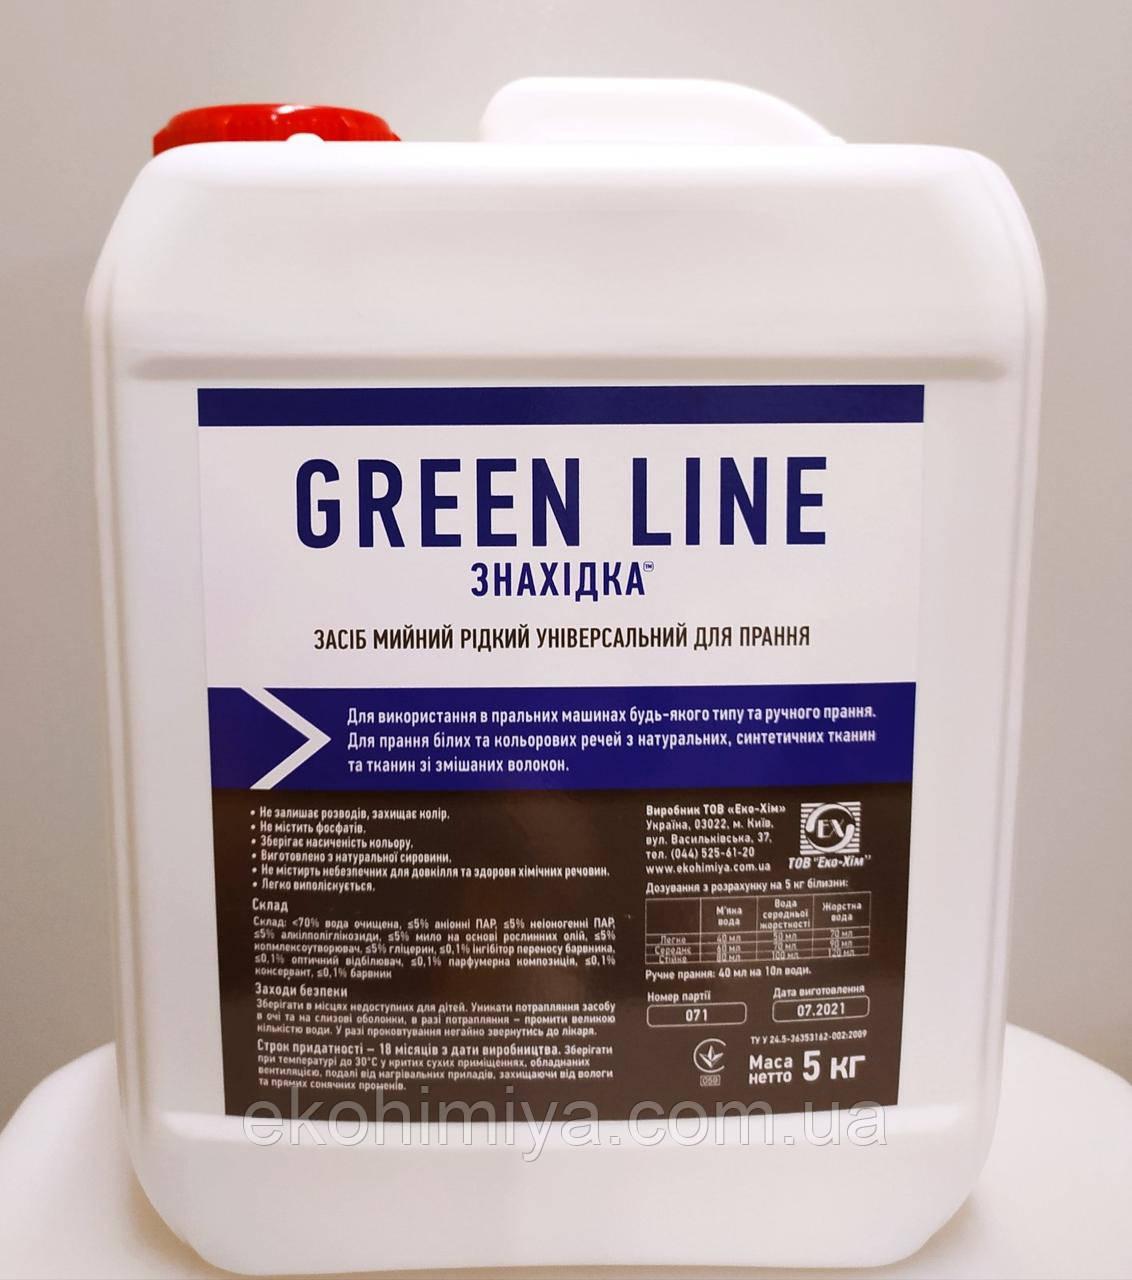 Безфосфатний рідкий гель для прання GREEN LINE ЗНАХІДКА